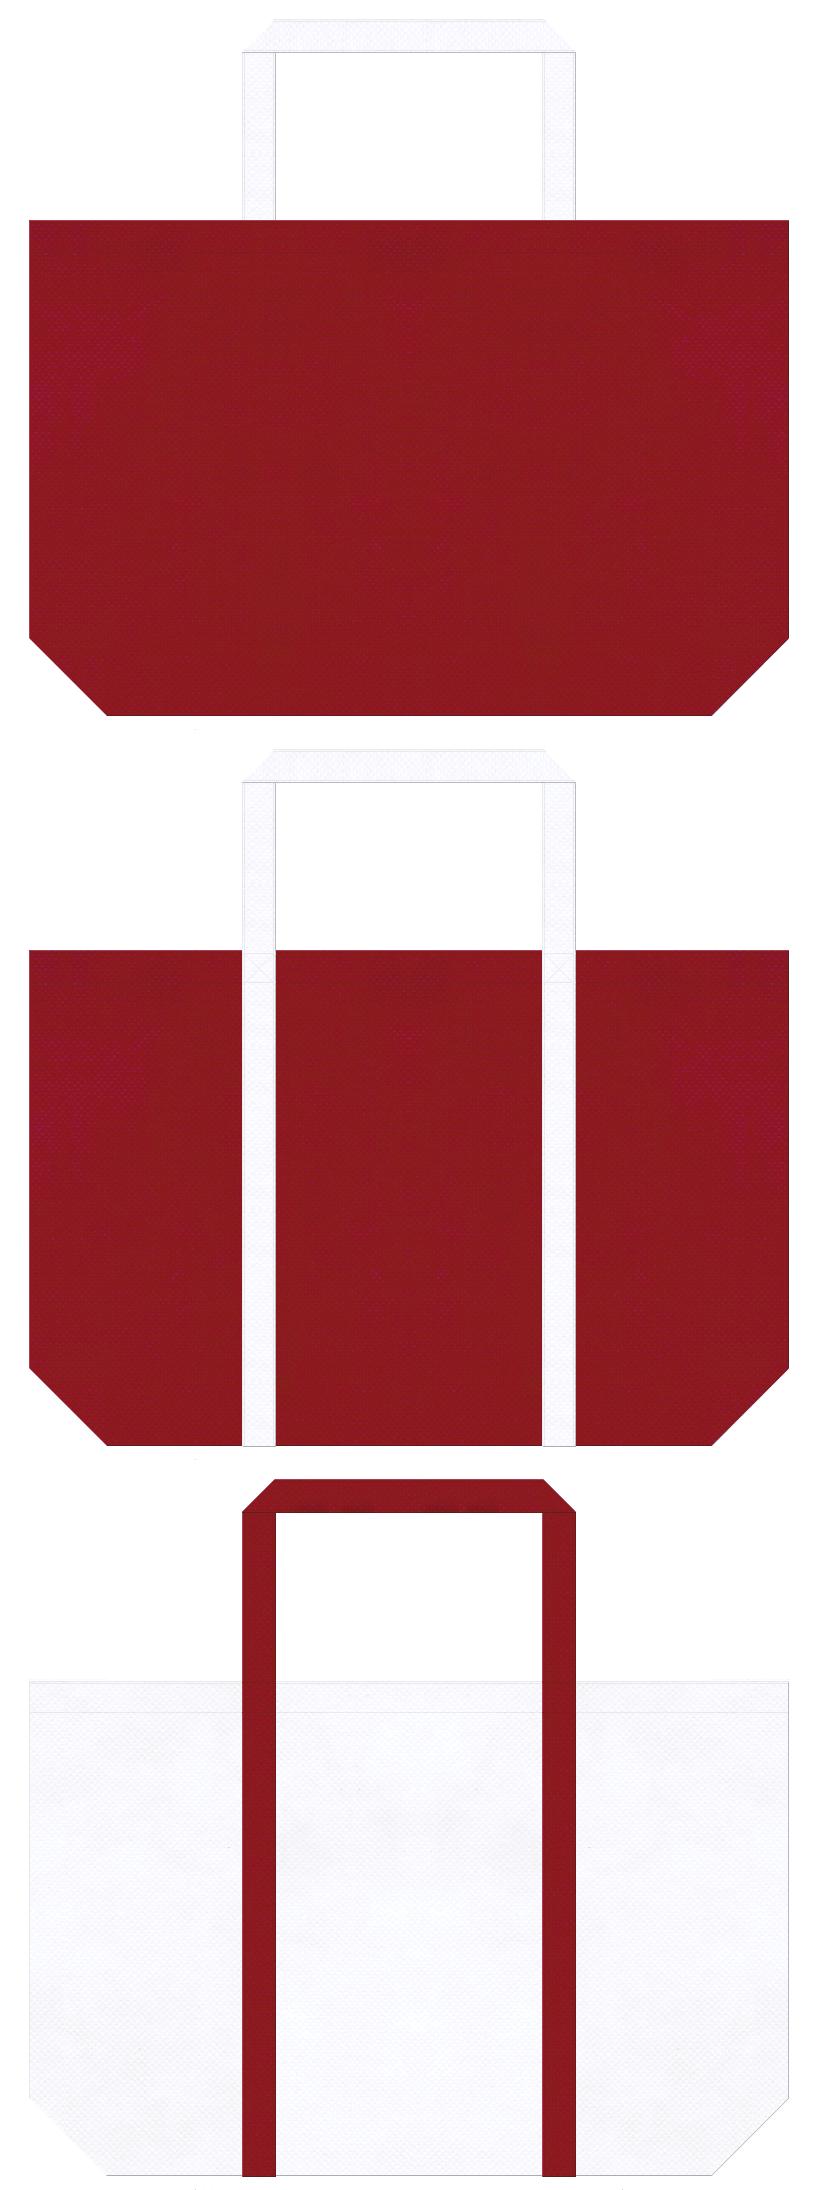 献血・病院・医療機器・救急用品・クリスマスにお奨め:エンジ色と白色の不織布ショッピングバッグのデザイン